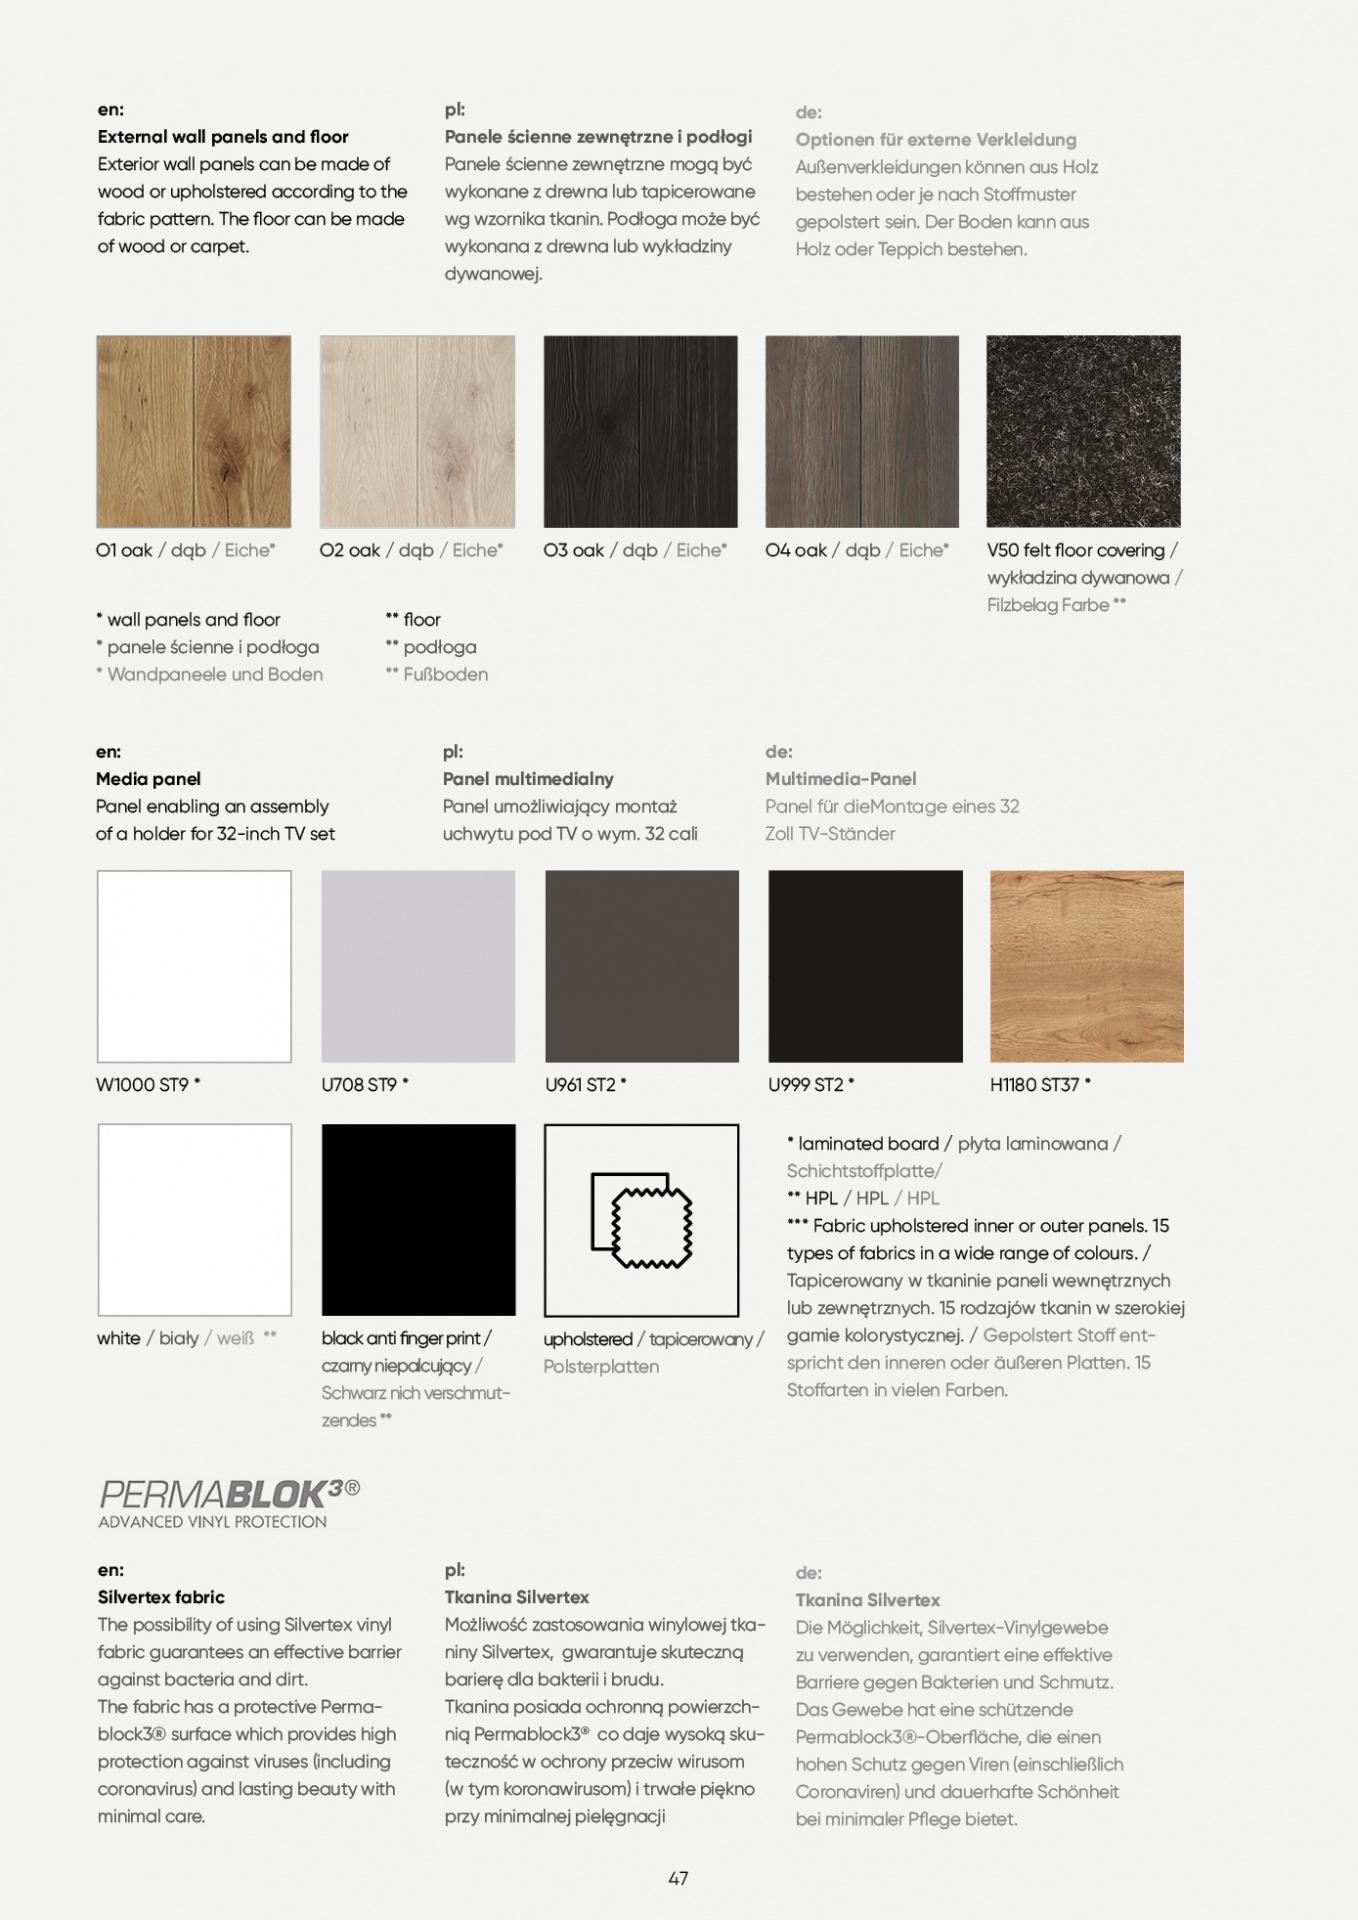 treehouse-catalogue-47.jpg